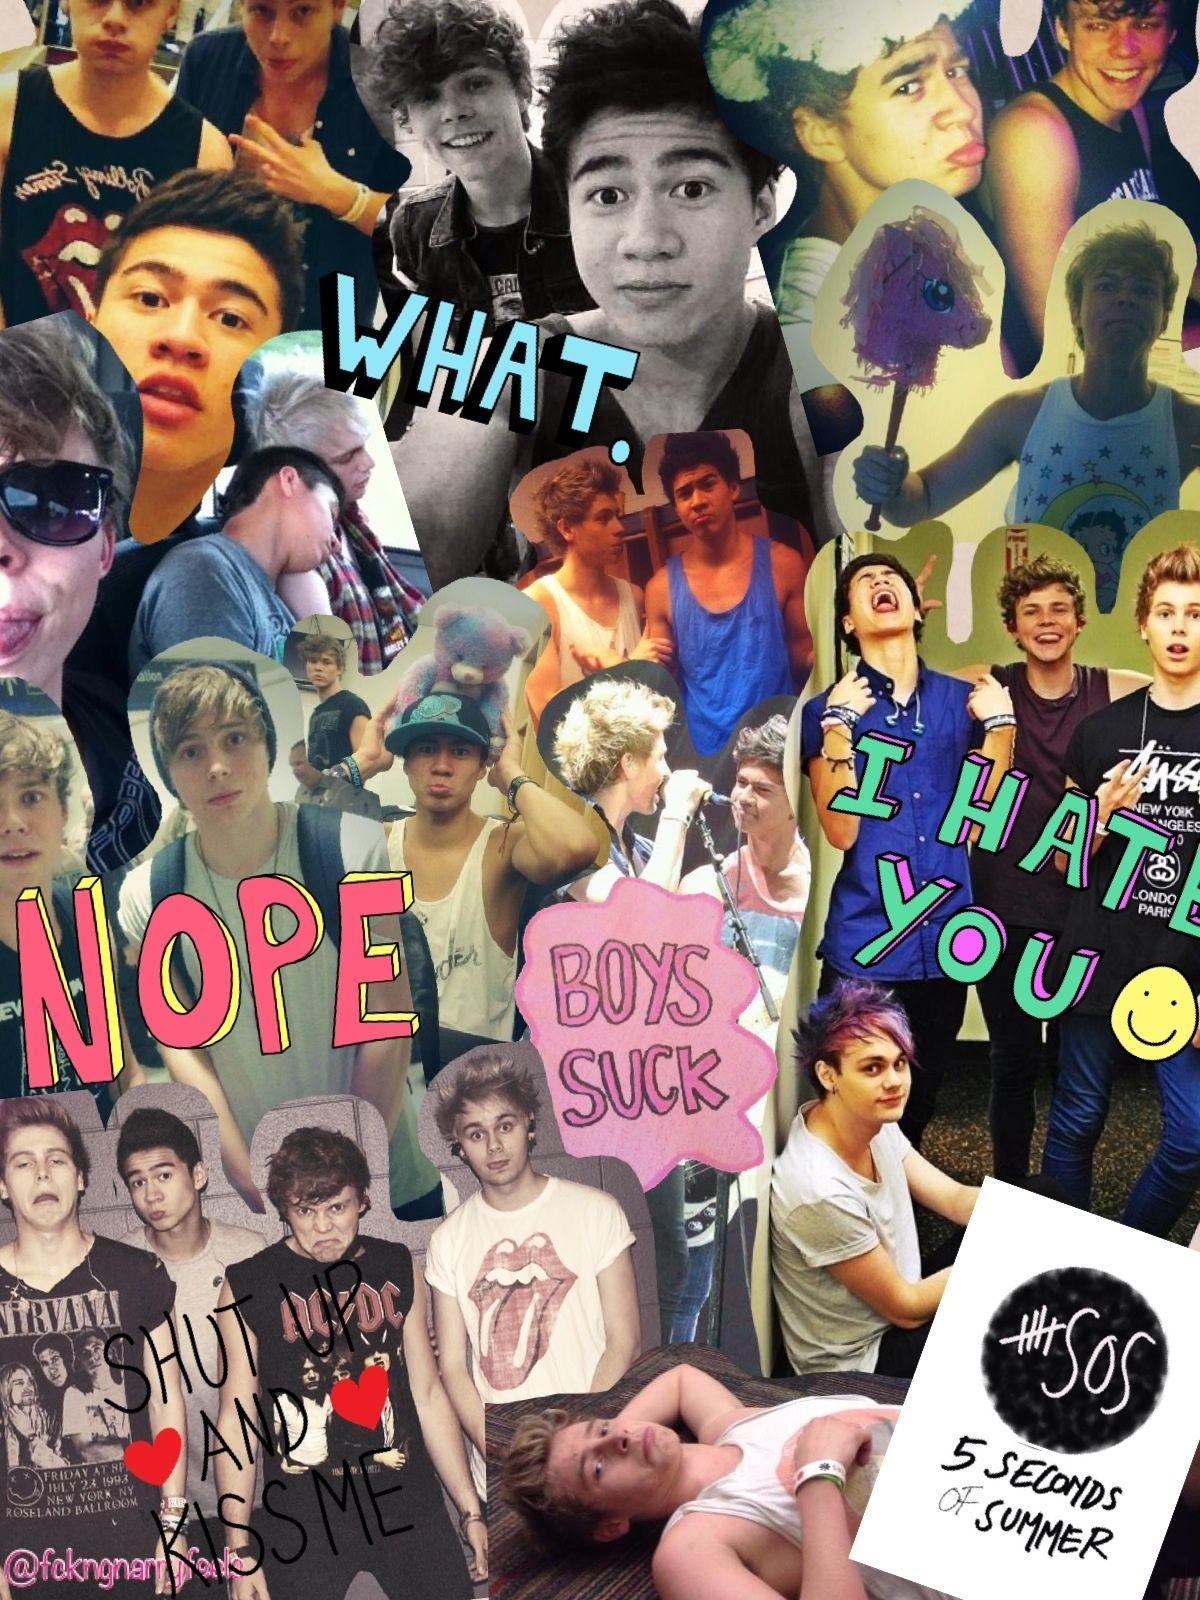 Ashton irwin iphone wallpaper tumblr -  4 5sos Collage Tumblr